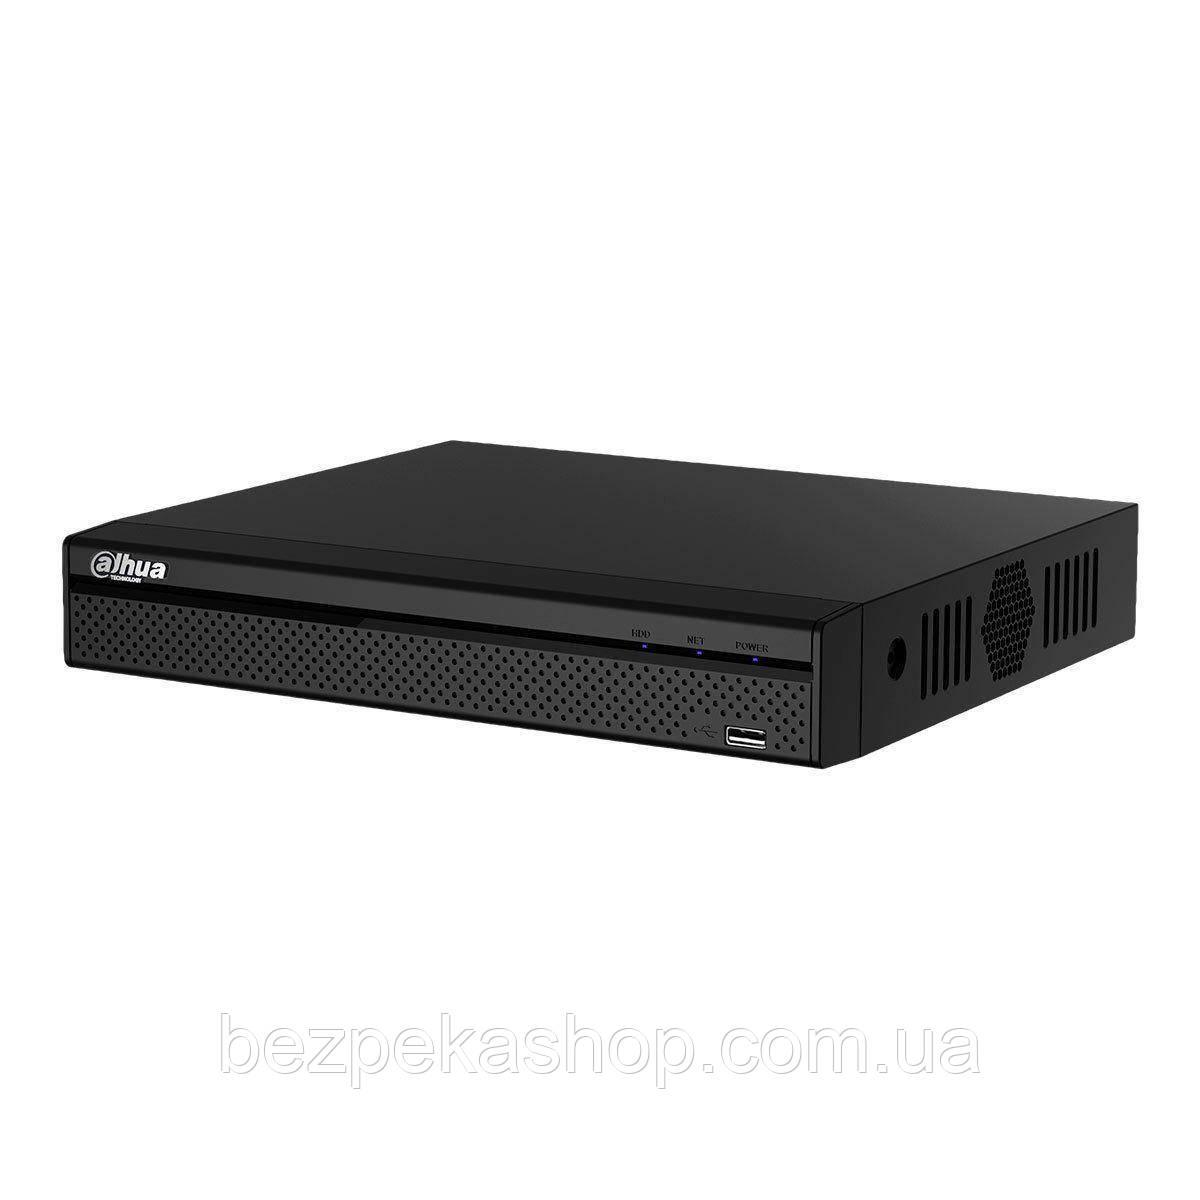 Dahua DHI-XVR5208AN-4KL-X мультиформатный видеорегистратор 8-канальный